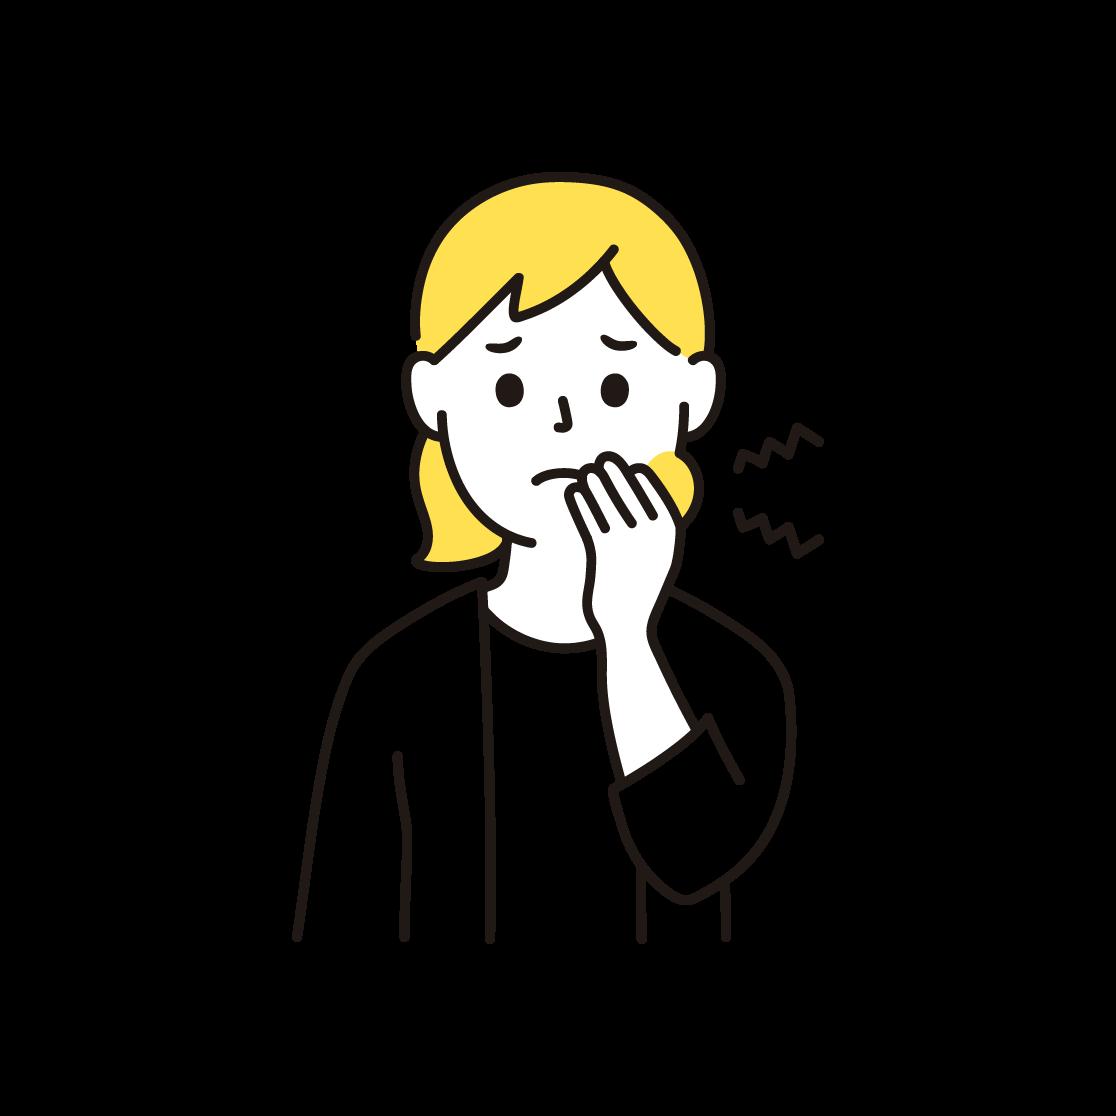 虫歯の女性の単色イラスト